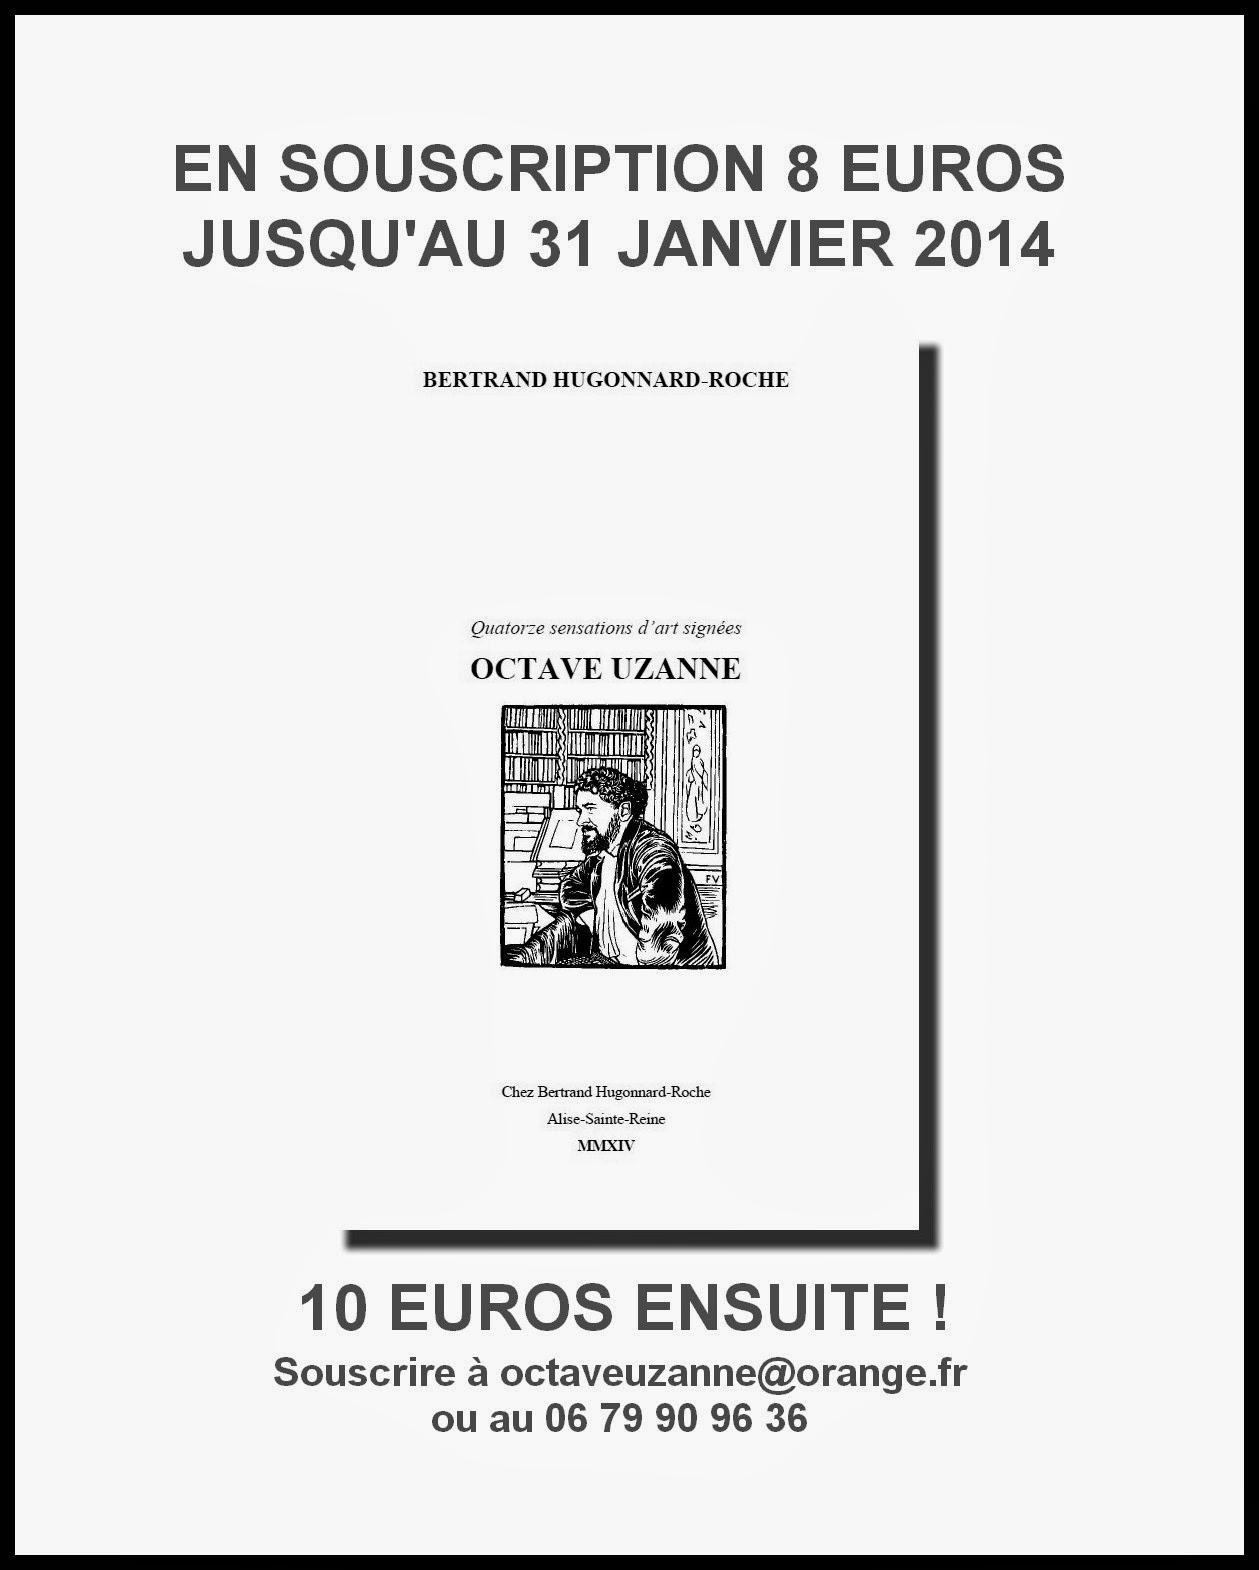 """""""QUATORZE SENSATIONS D'ART SIGNÉES OCTAVE UZANNE"""" rassemblées et présentées par B. Hugonnard-Roche"""